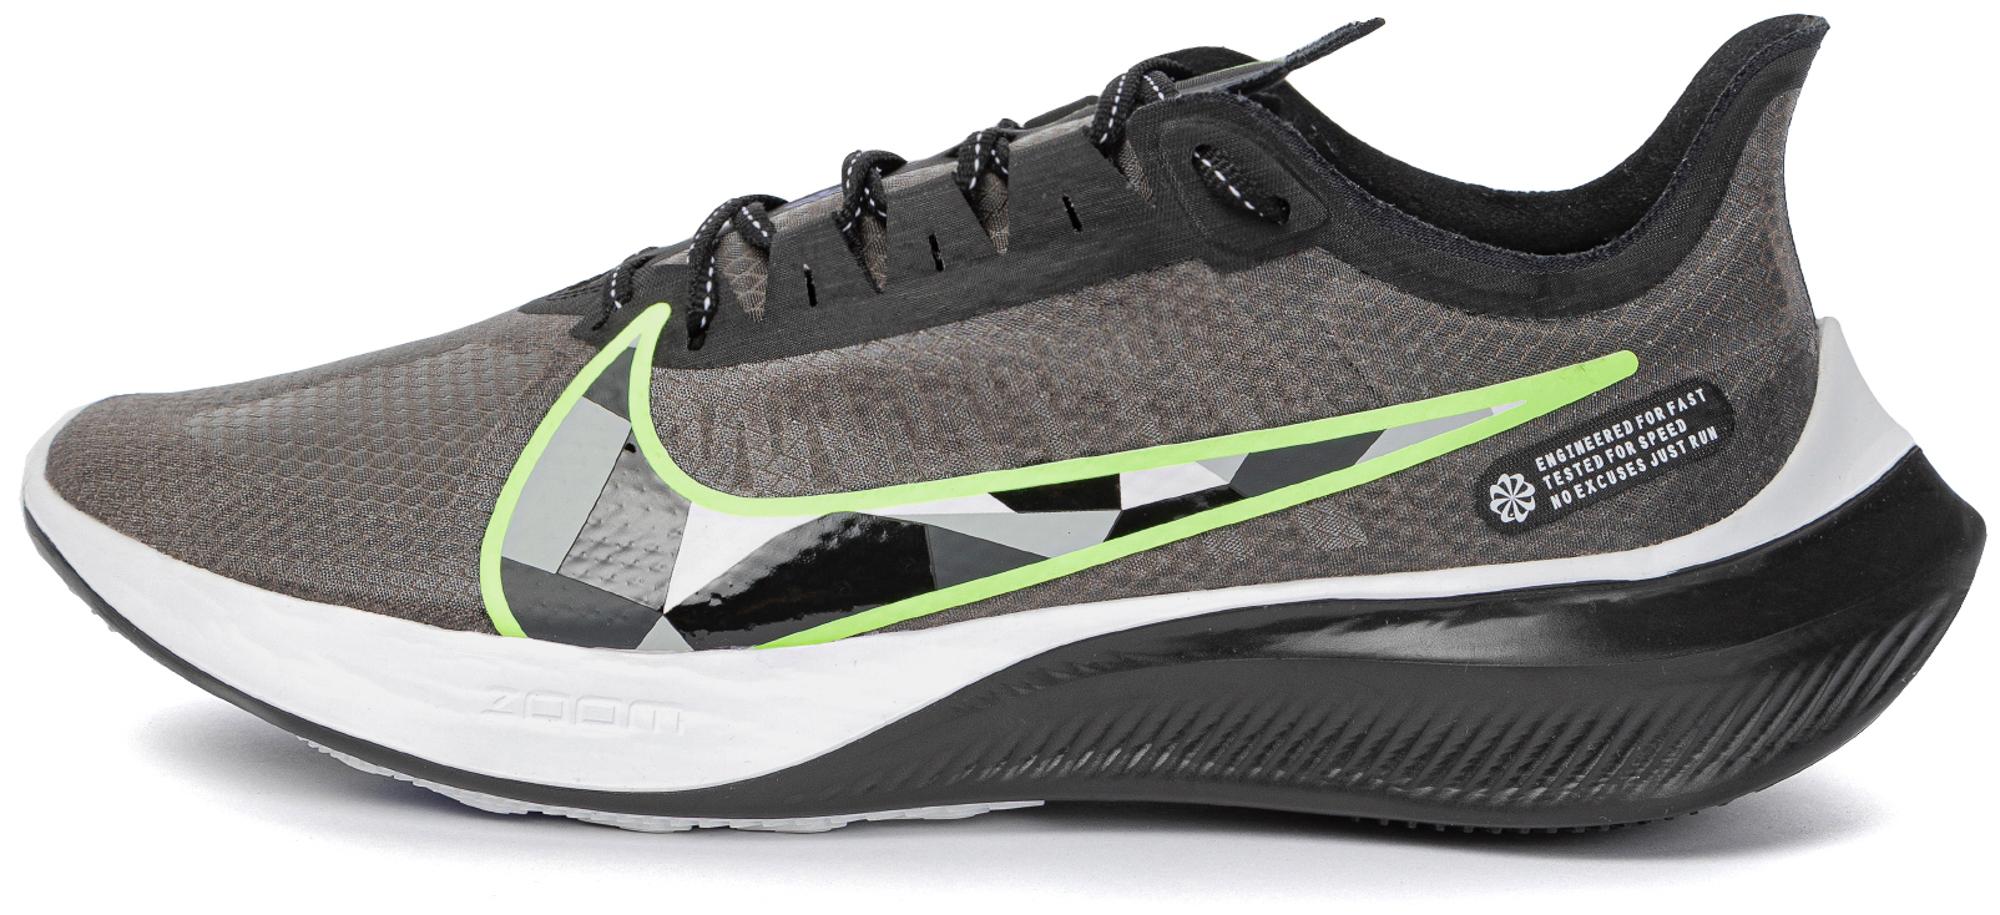 Фото - Nike Кроссовки мужские Nike Zoom Gravity, размер 43.5 nike zoom high jump iii